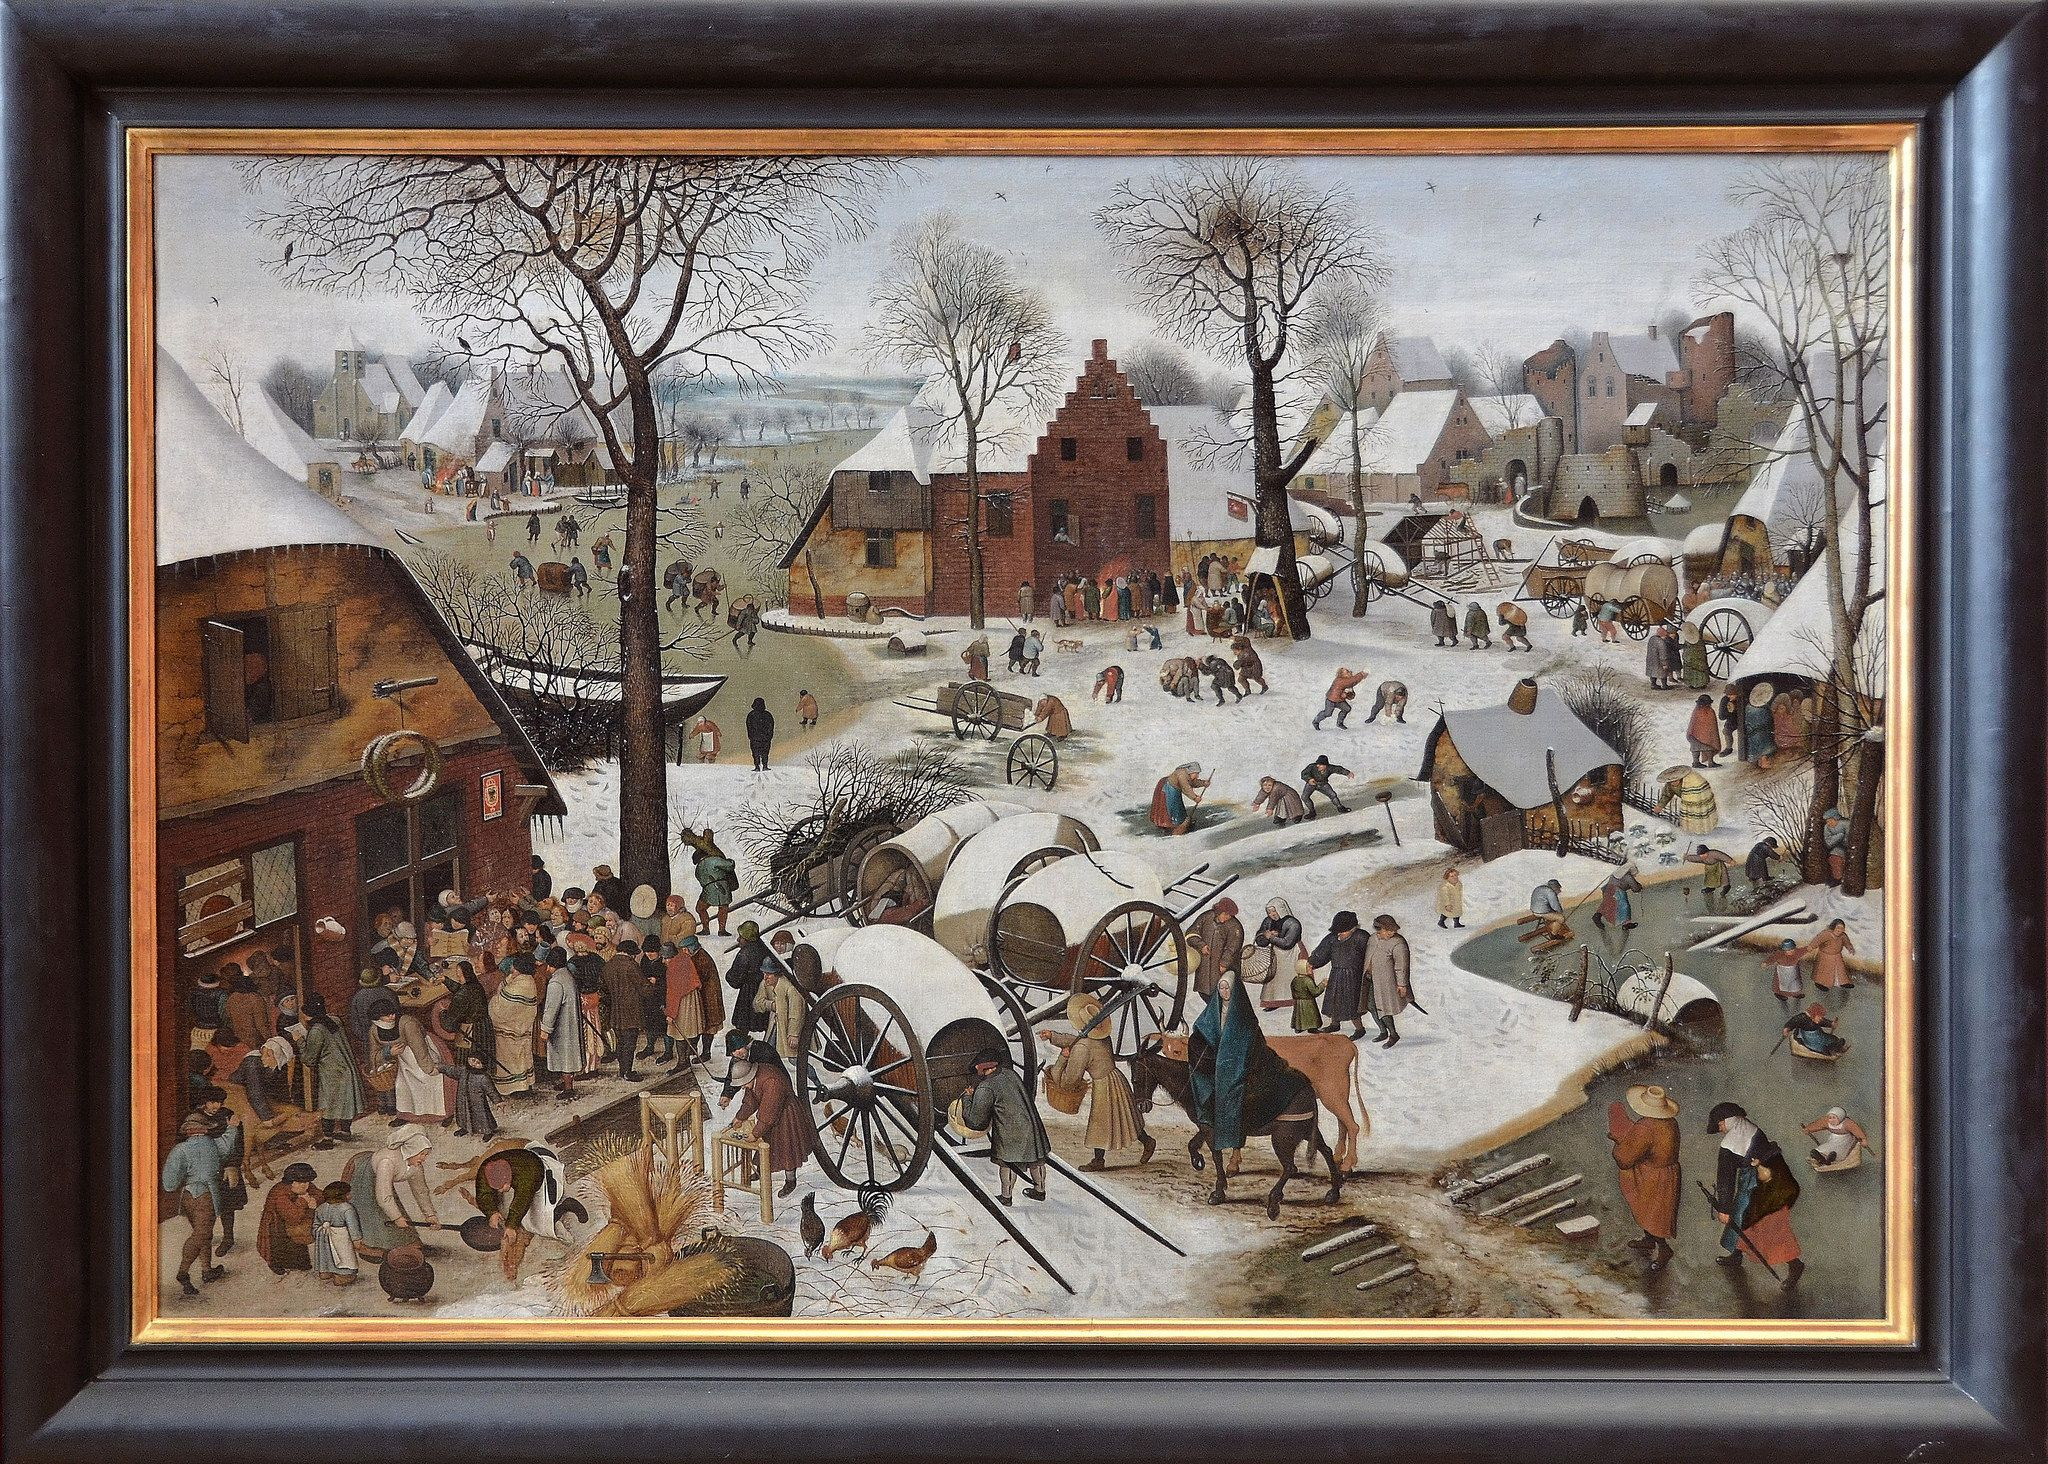 Lille Nord Palais Des Beaux Arts Le Denombrement De Bethleem Pieter Brueghel Ii Dit Le Jeune 1564 1638 Art Frieze Masters Pieter Bruegel The Elder